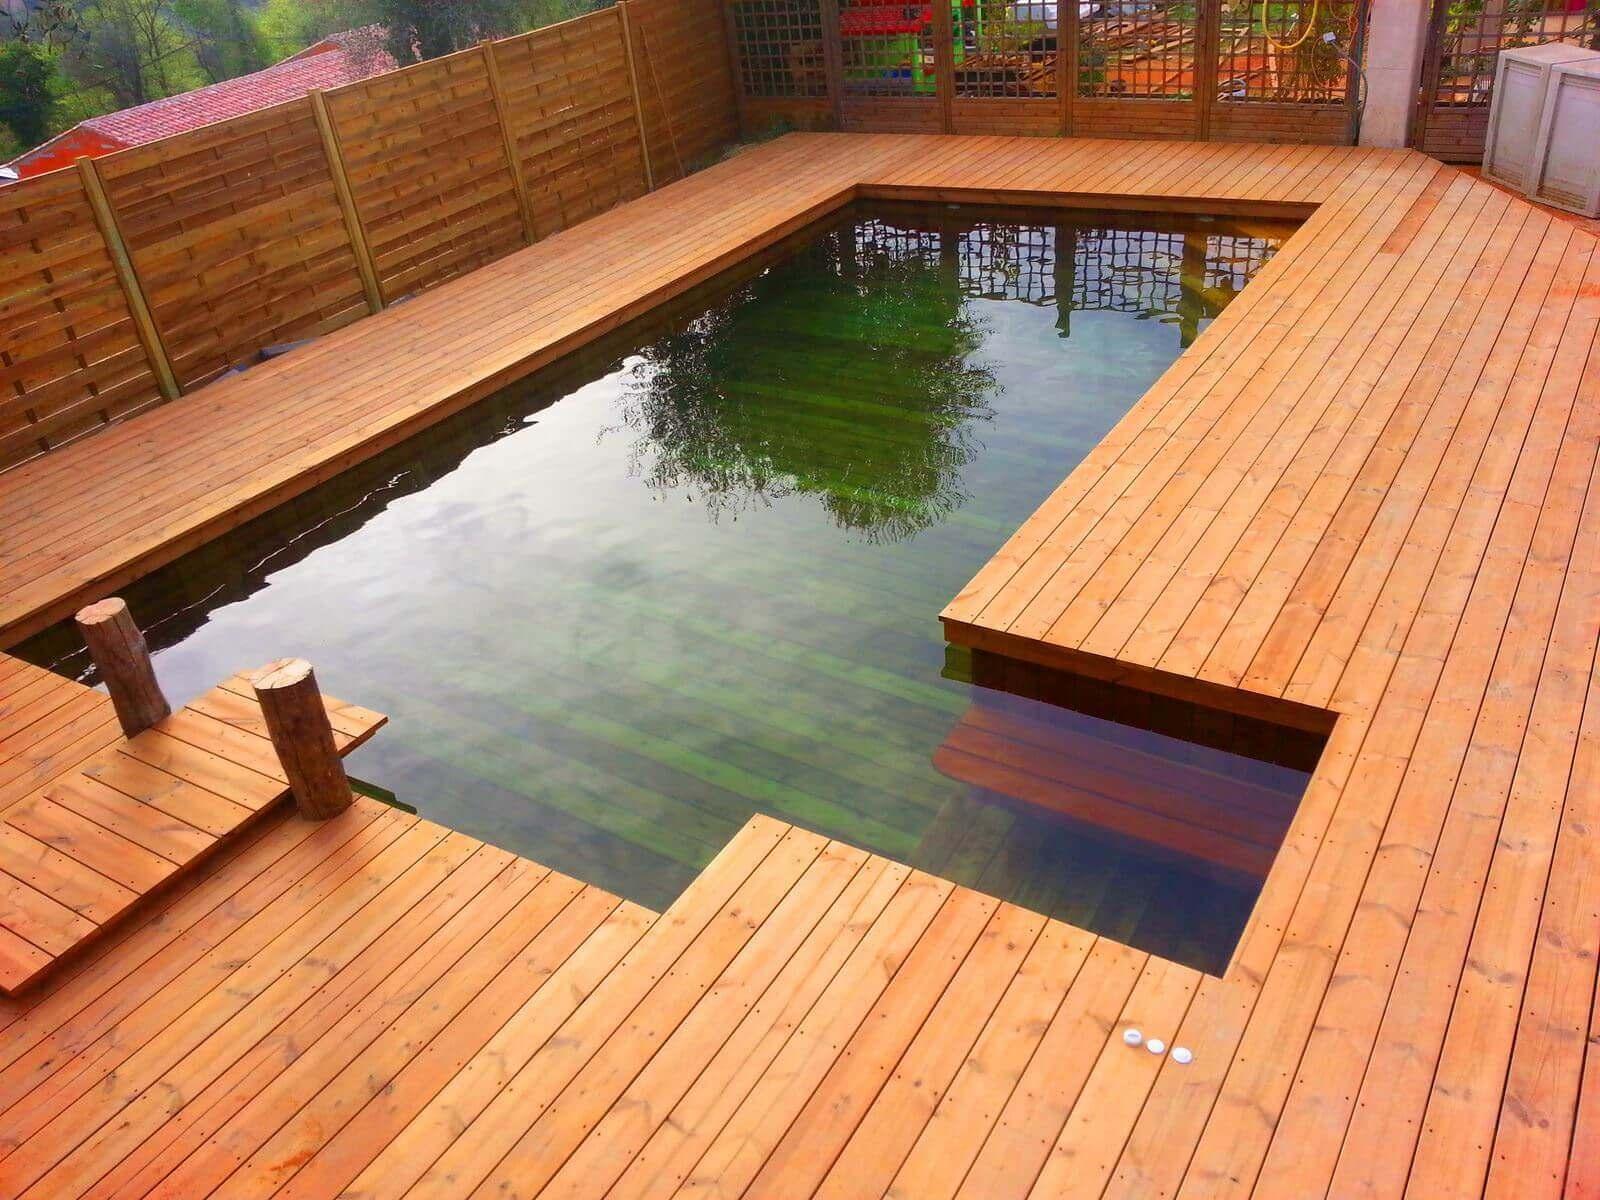 fabricant piscine et jacuzzi spa sur mesure 100 bois toulon var. Black Bedroom Furniture Sets. Home Design Ideas